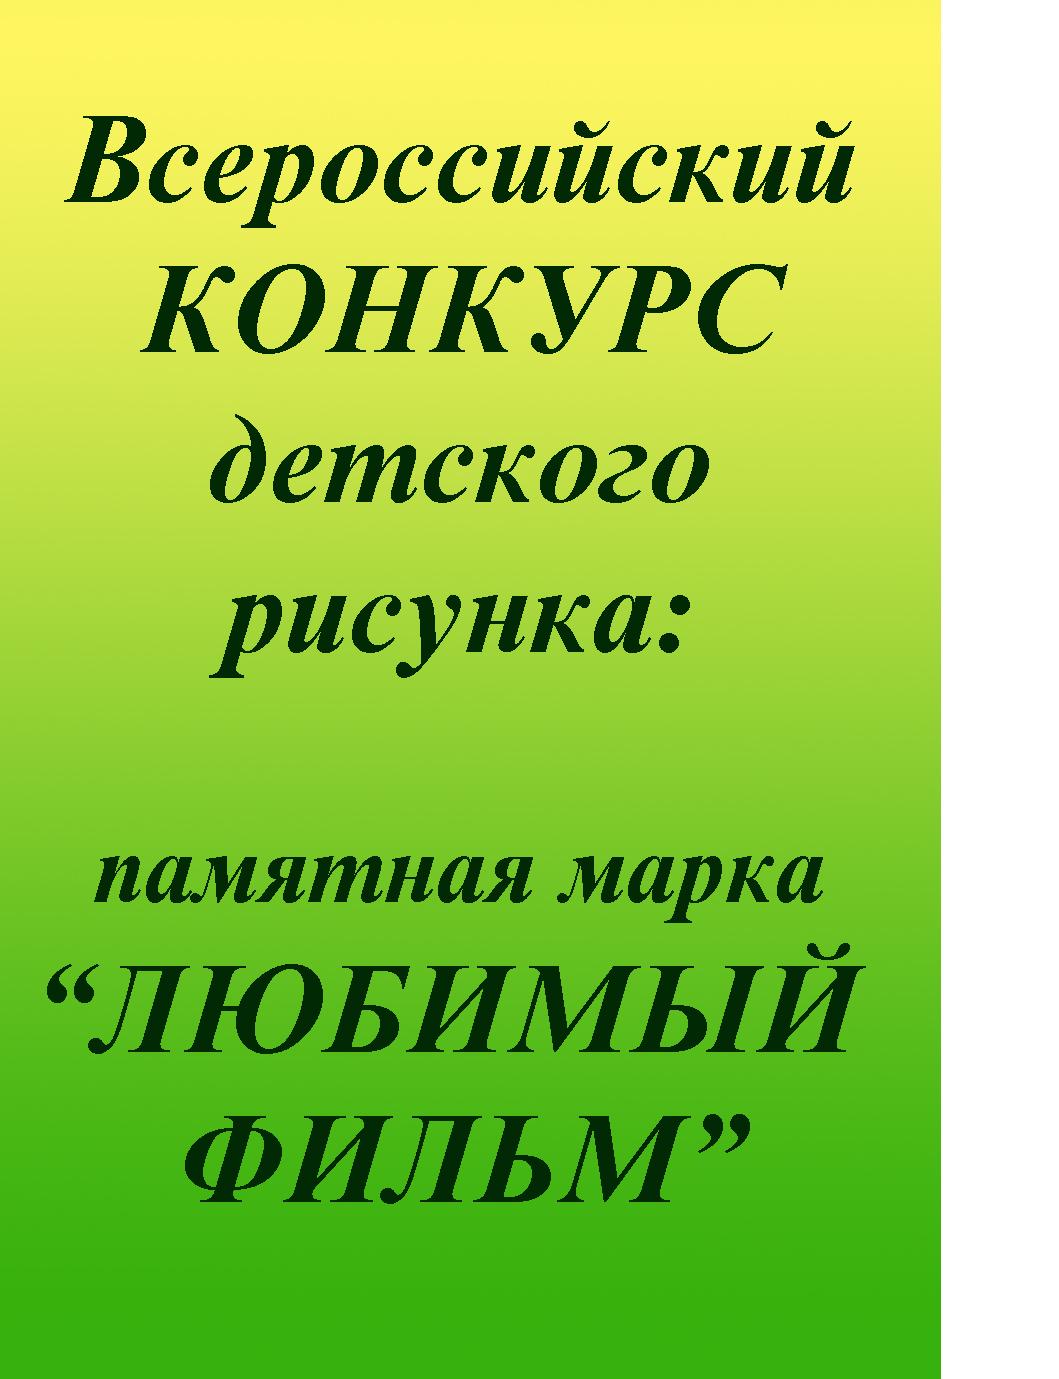 http://dovosp.ru/konkursy/god_rossijskogo_kino_pamyatnaya_marka_lyubimyj_film/